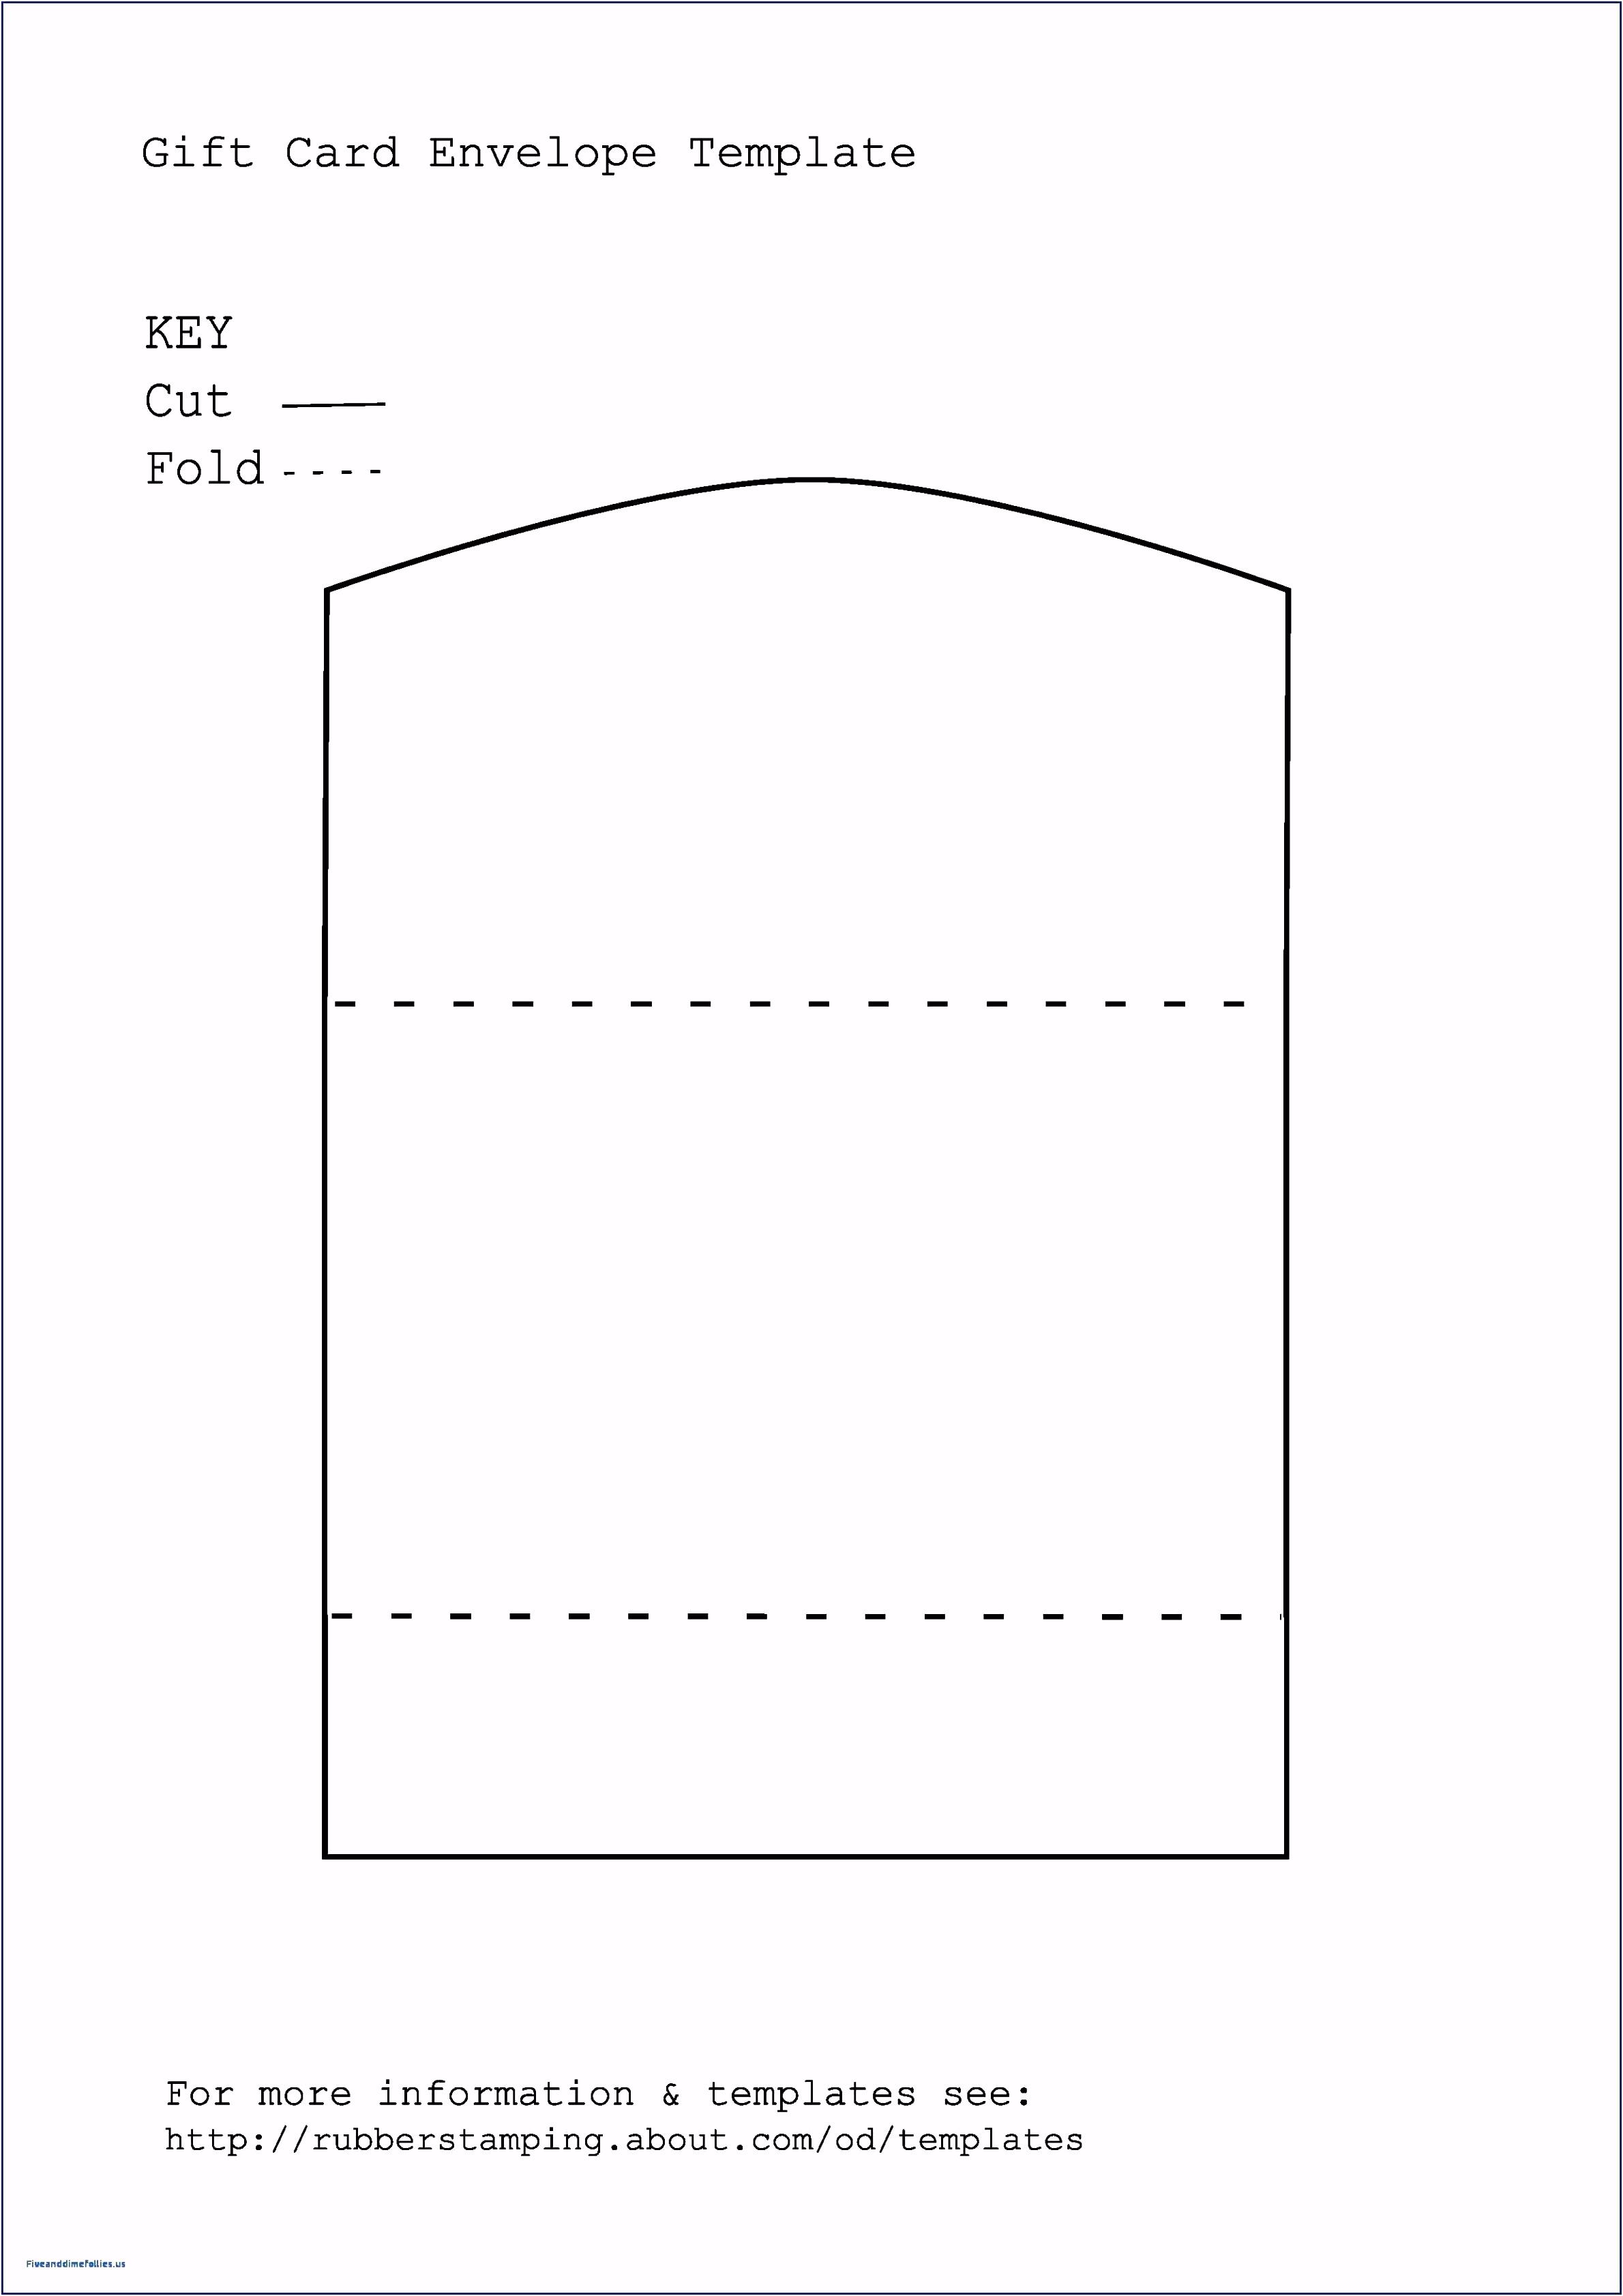 Genogramm Vorlage Die Besten Tabu Karten Vorlagen Vorlage Muster